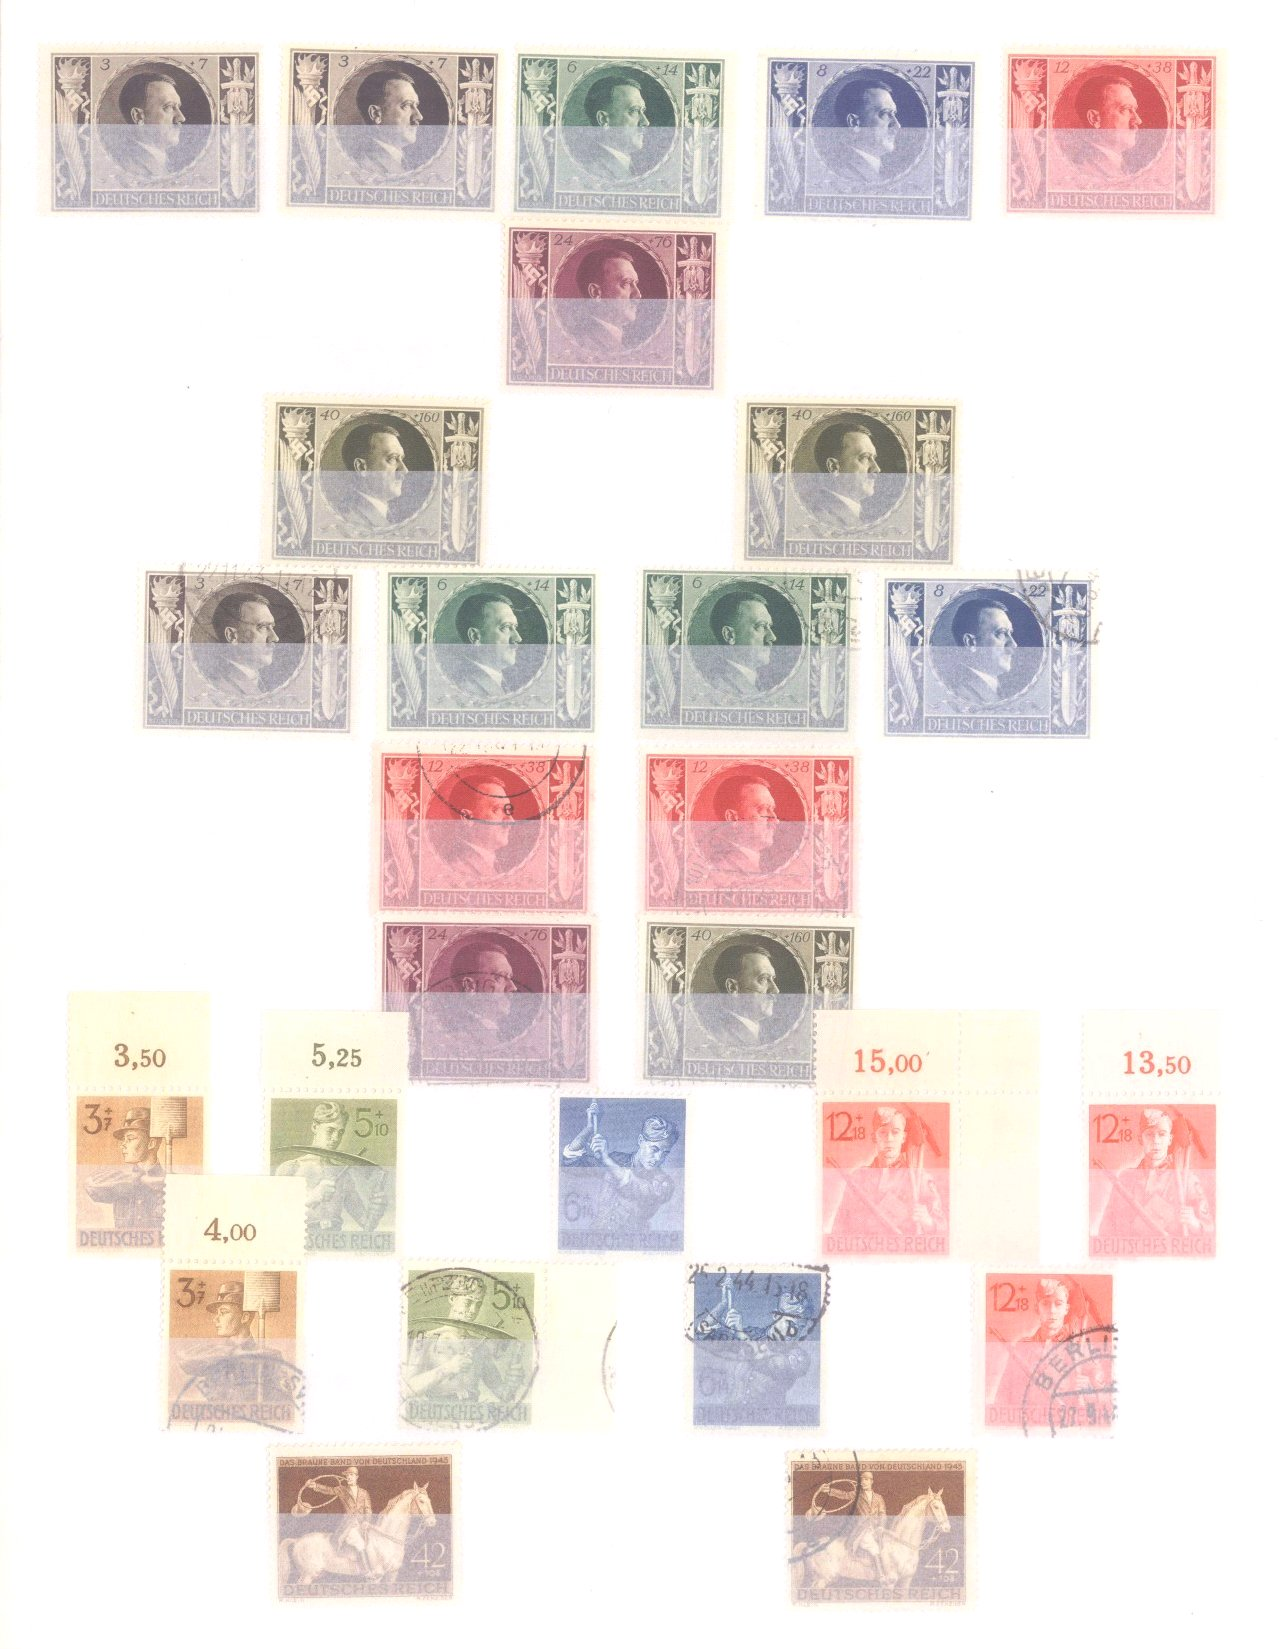 Sammlung Deutsches Reich in 2 Alben, 1933-1945-24